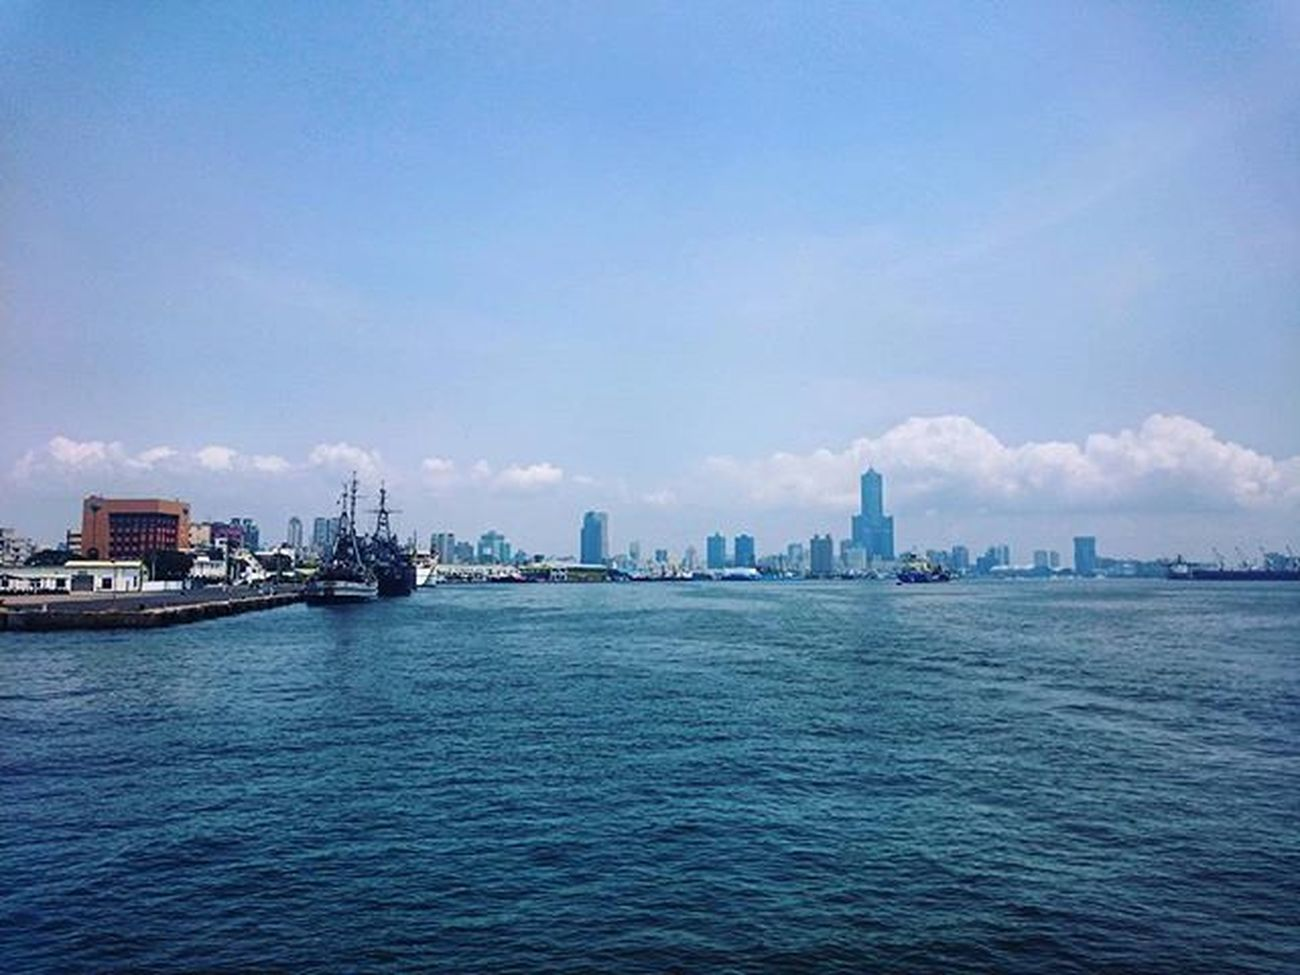 Thành phố xa dần Qijinisland Kaohsiung Seaport Taiwan Tower